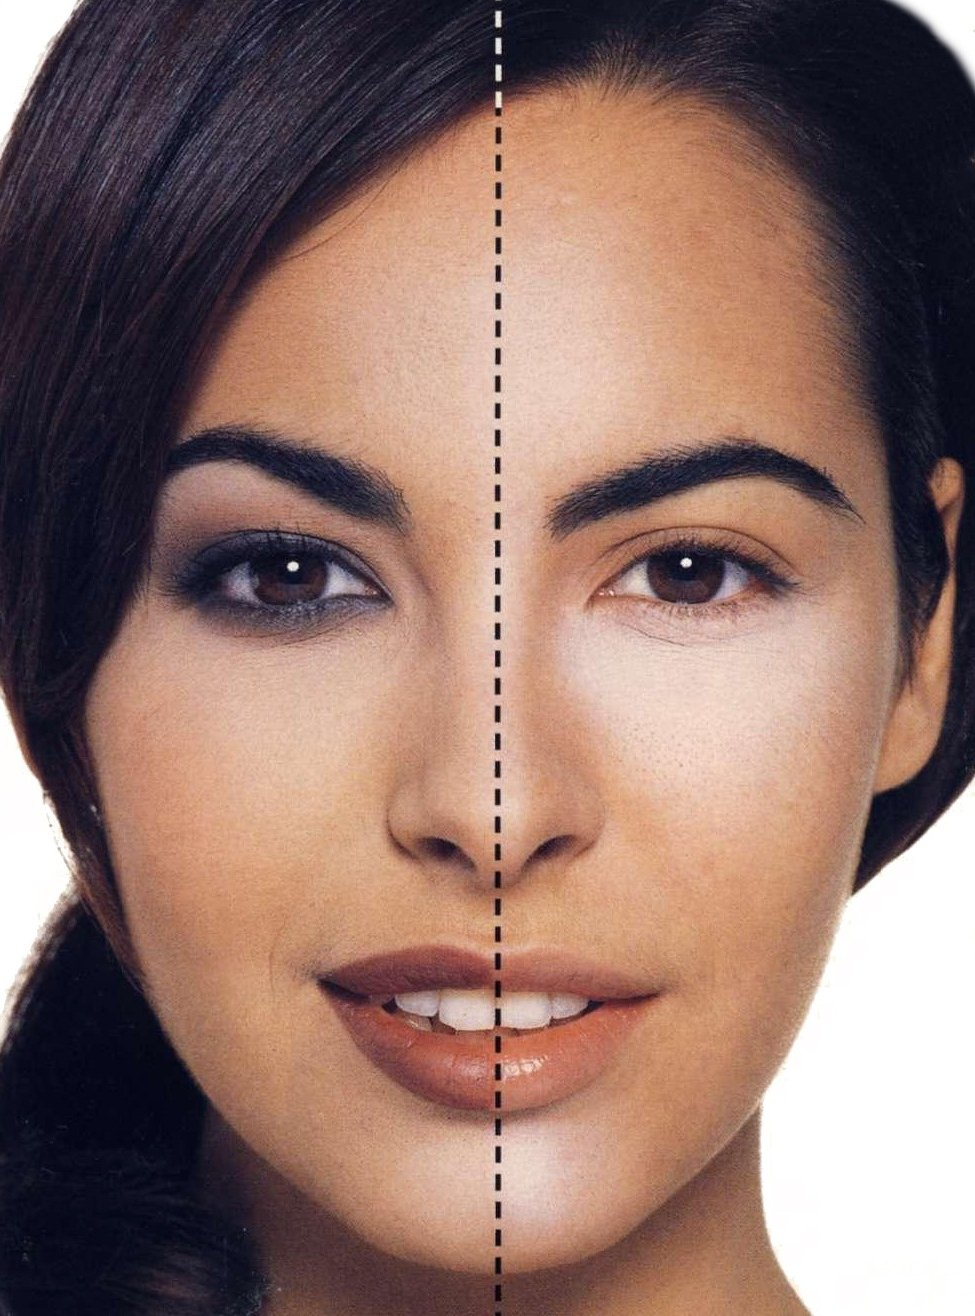 Скрыть обвисшие веки макияжем